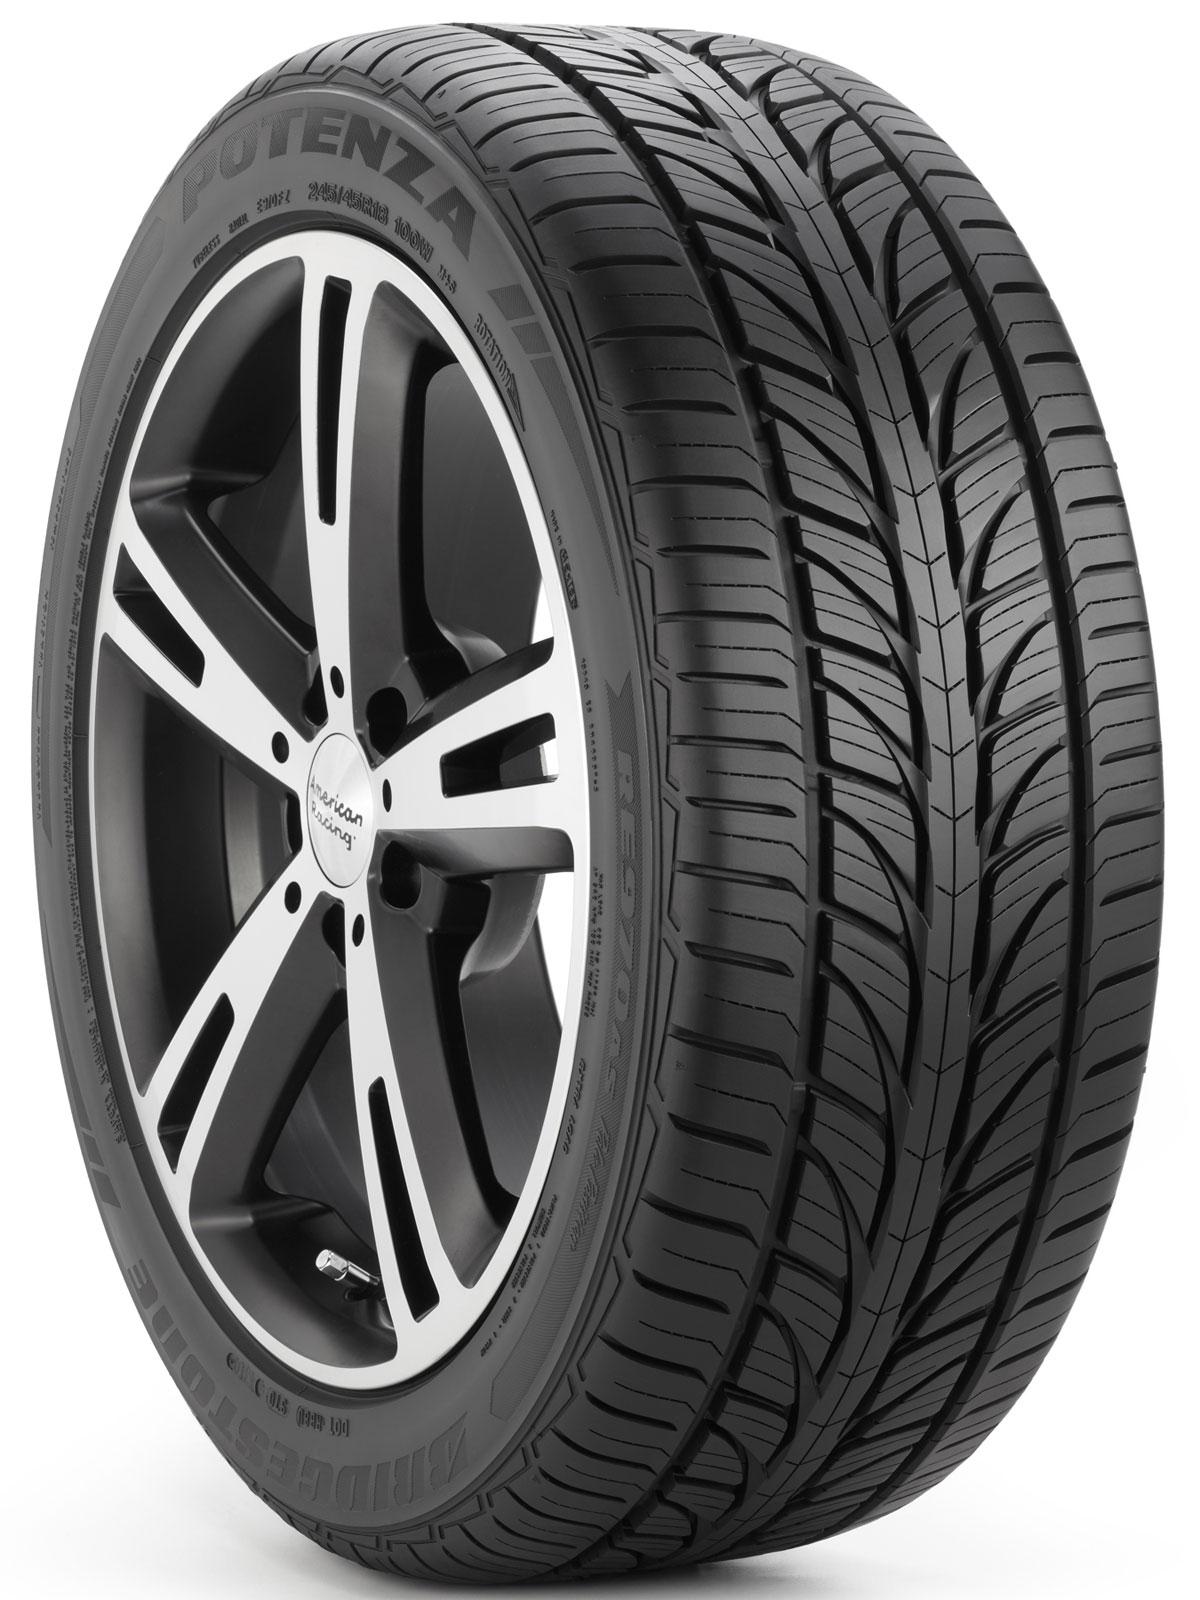 10-bridgestone-chicago-tires